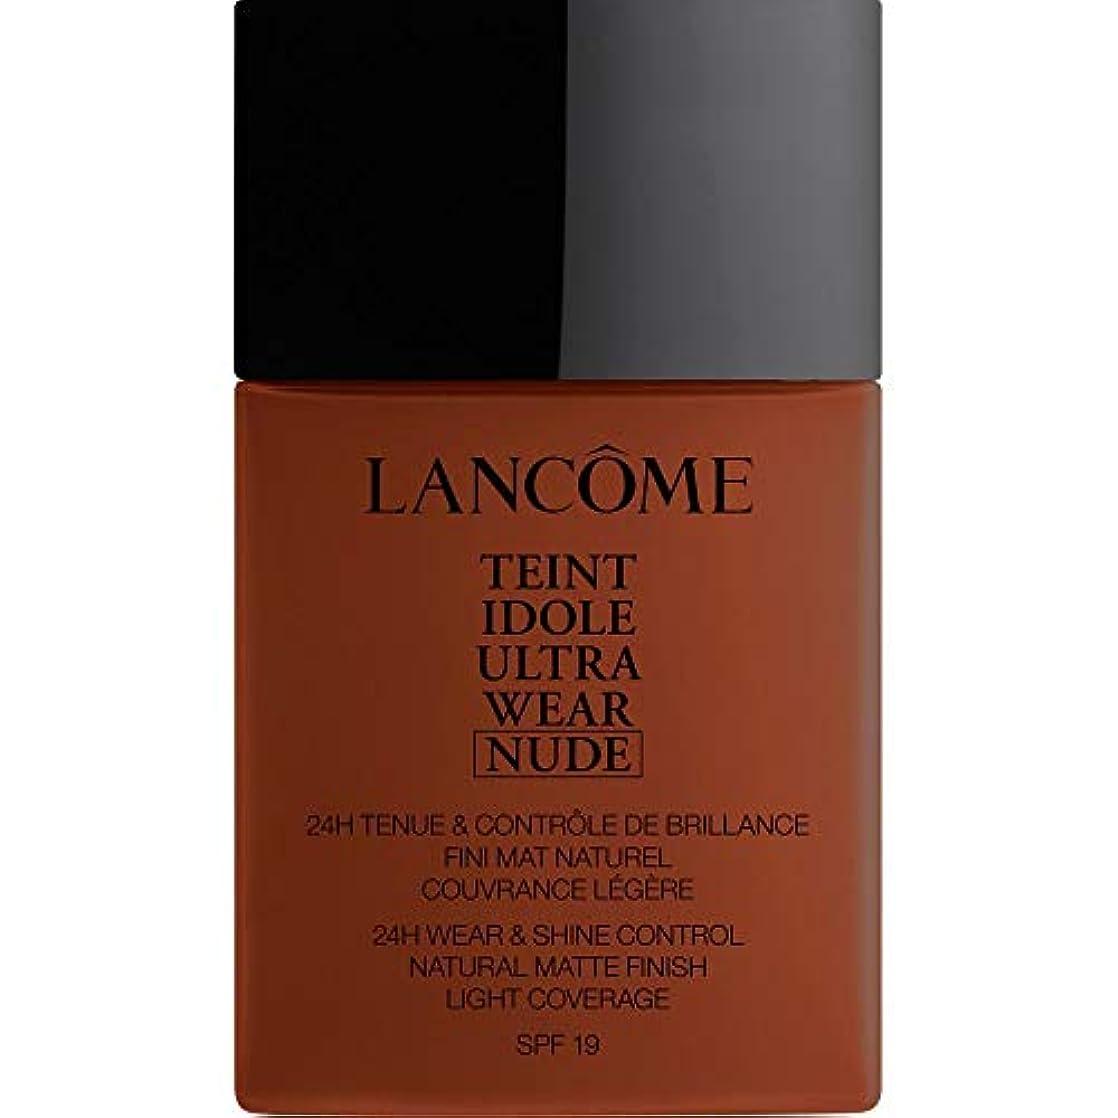 販売計画辞任する入り口[Lanc?me ] ランコムTeintのIdole超摩耗ヌード財団Spf19の40ミリリットル14 - ブラウニー - Lancome Teint Idole Ultra Wear Nude Foundation SPF19...